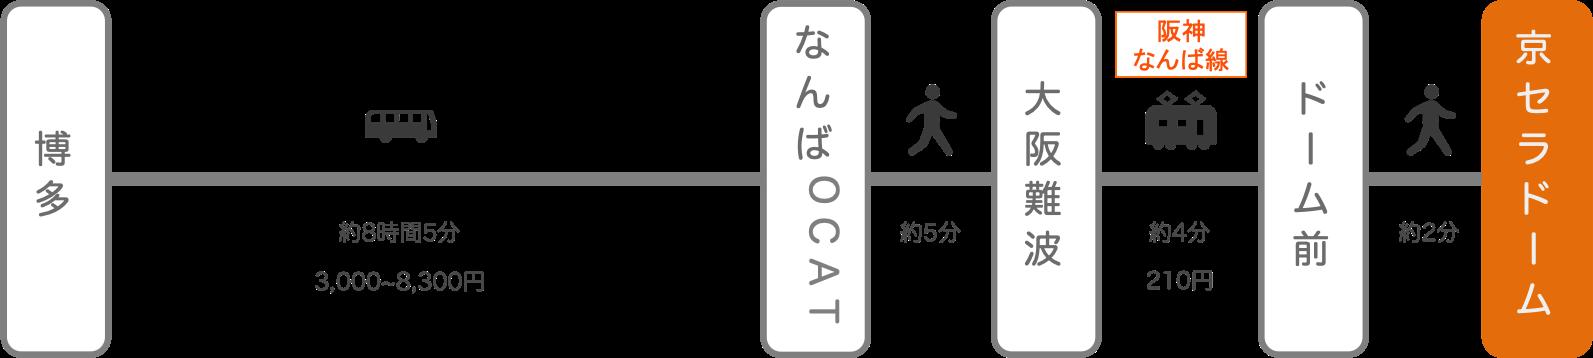 京セラドーム_博多(福岡)_高速バス